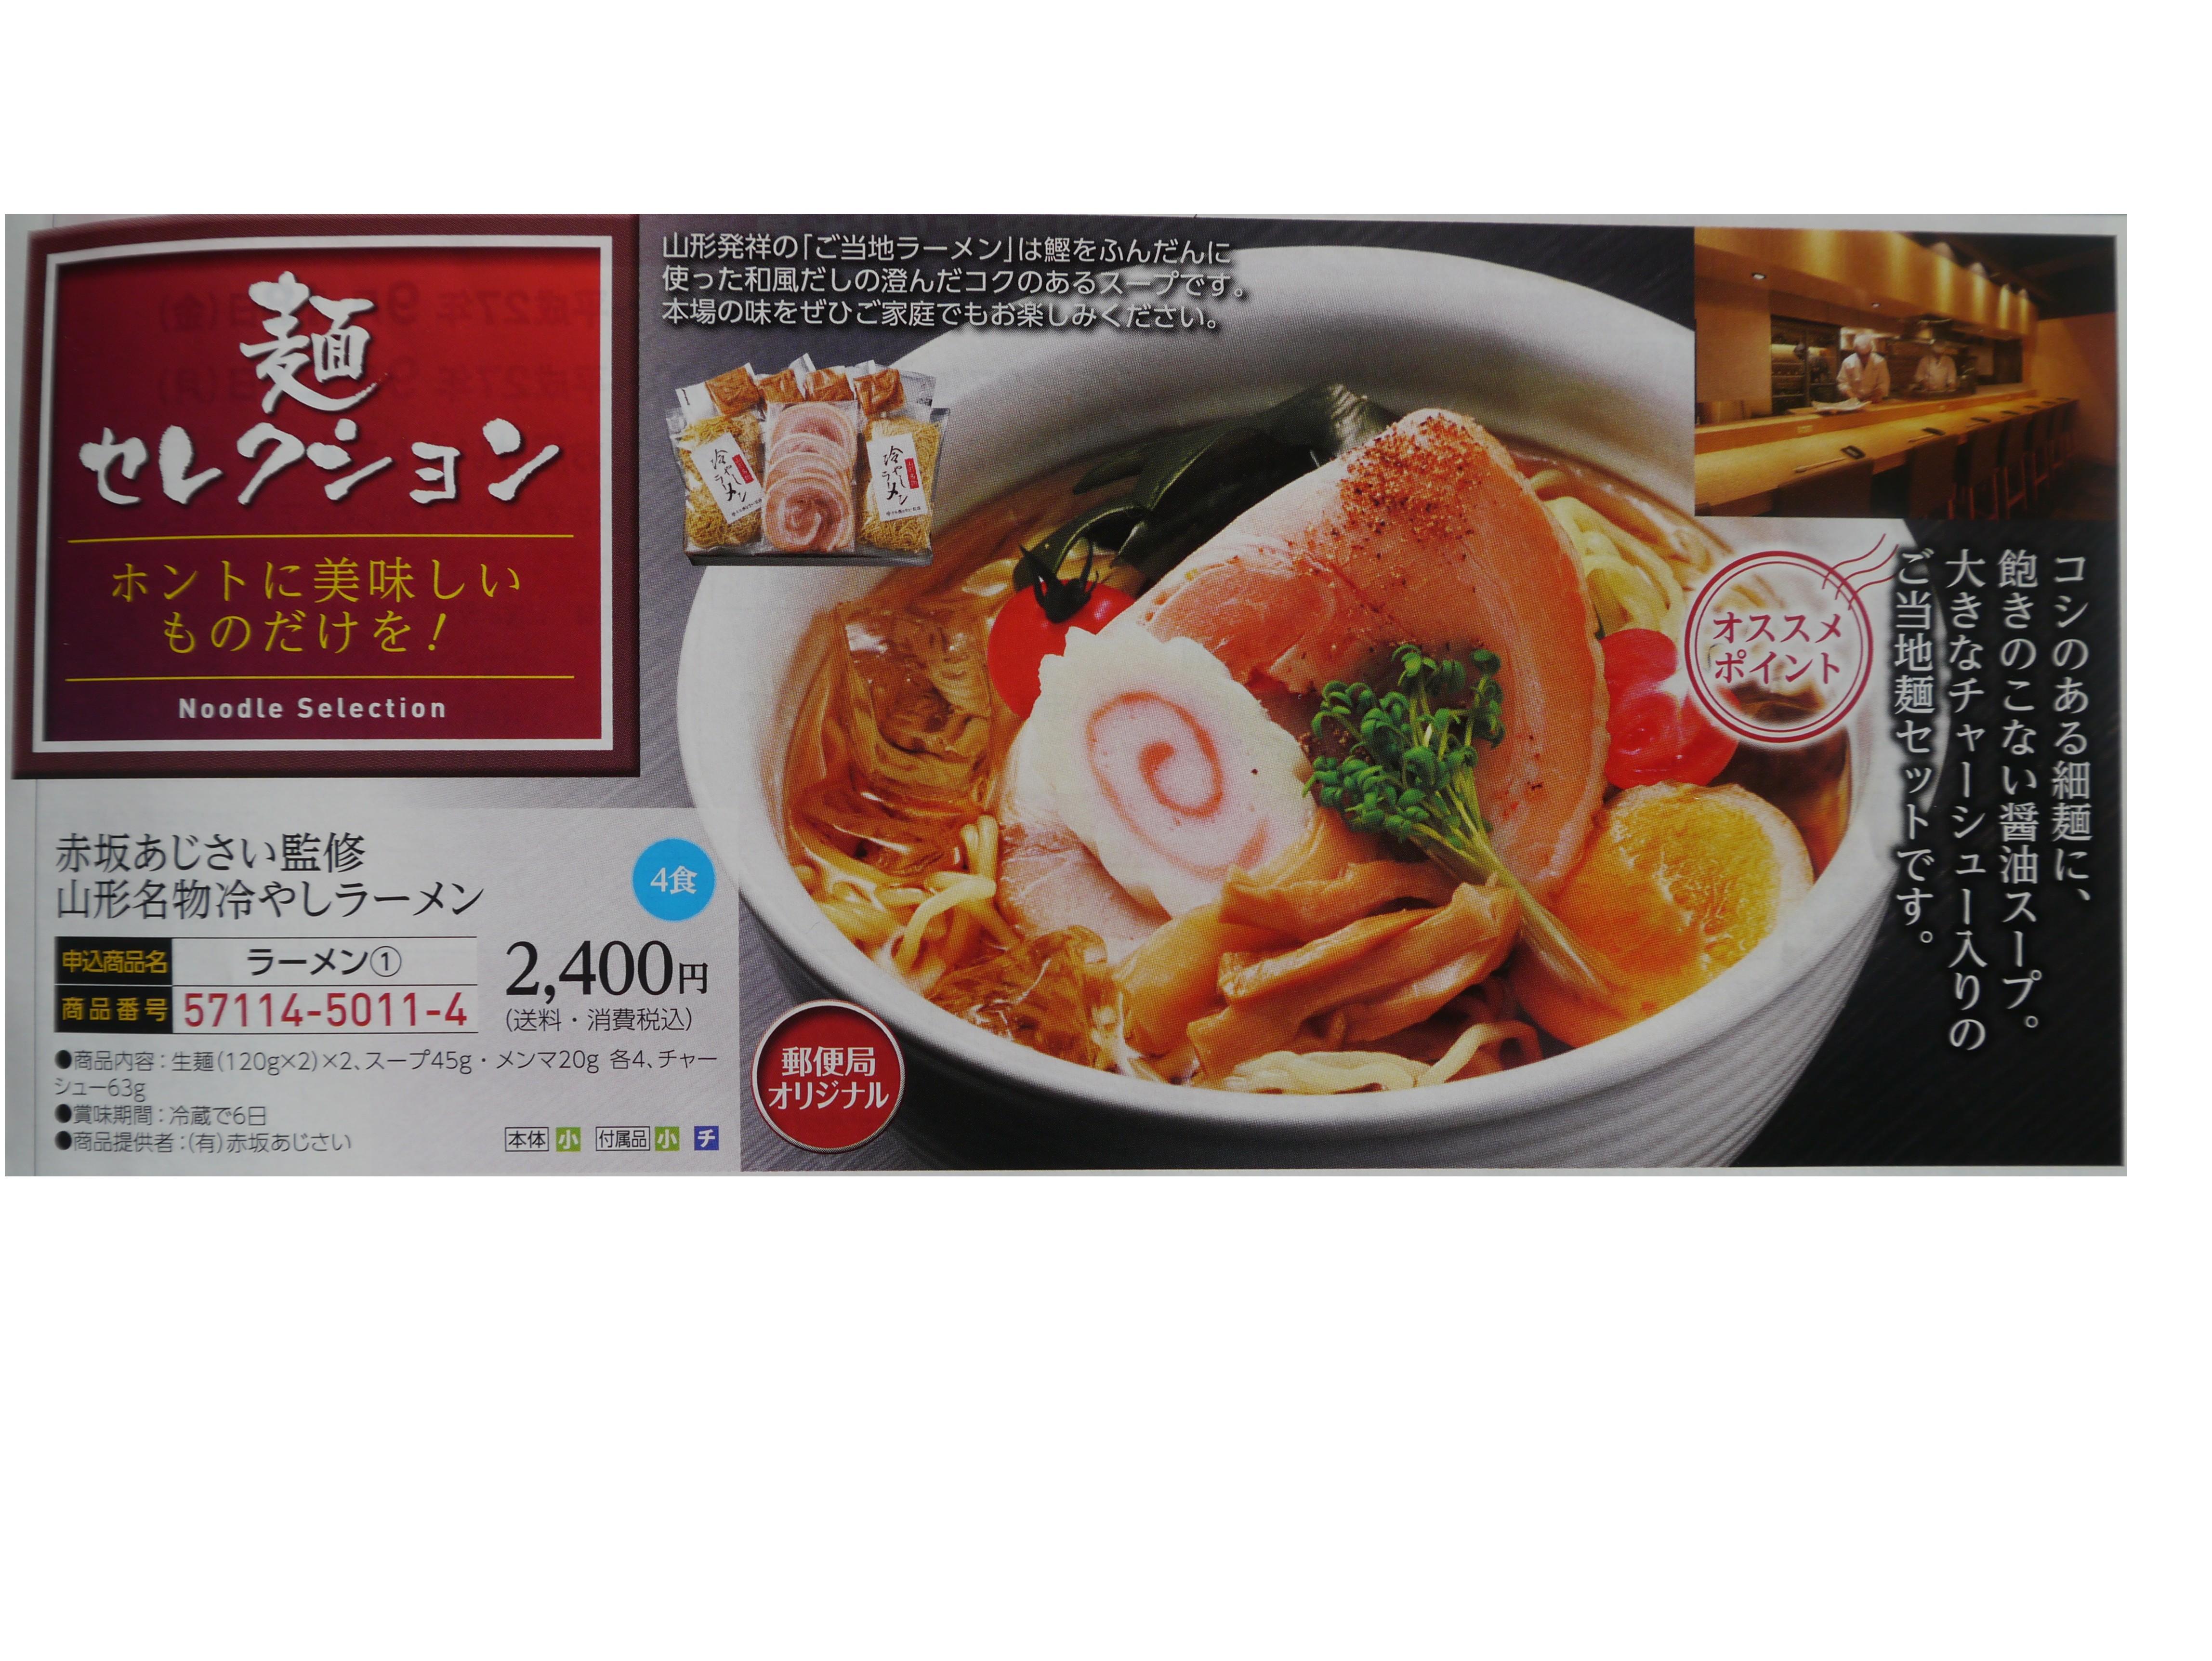 郵便局「夏のカレー&麺」カタログ掲載:画像